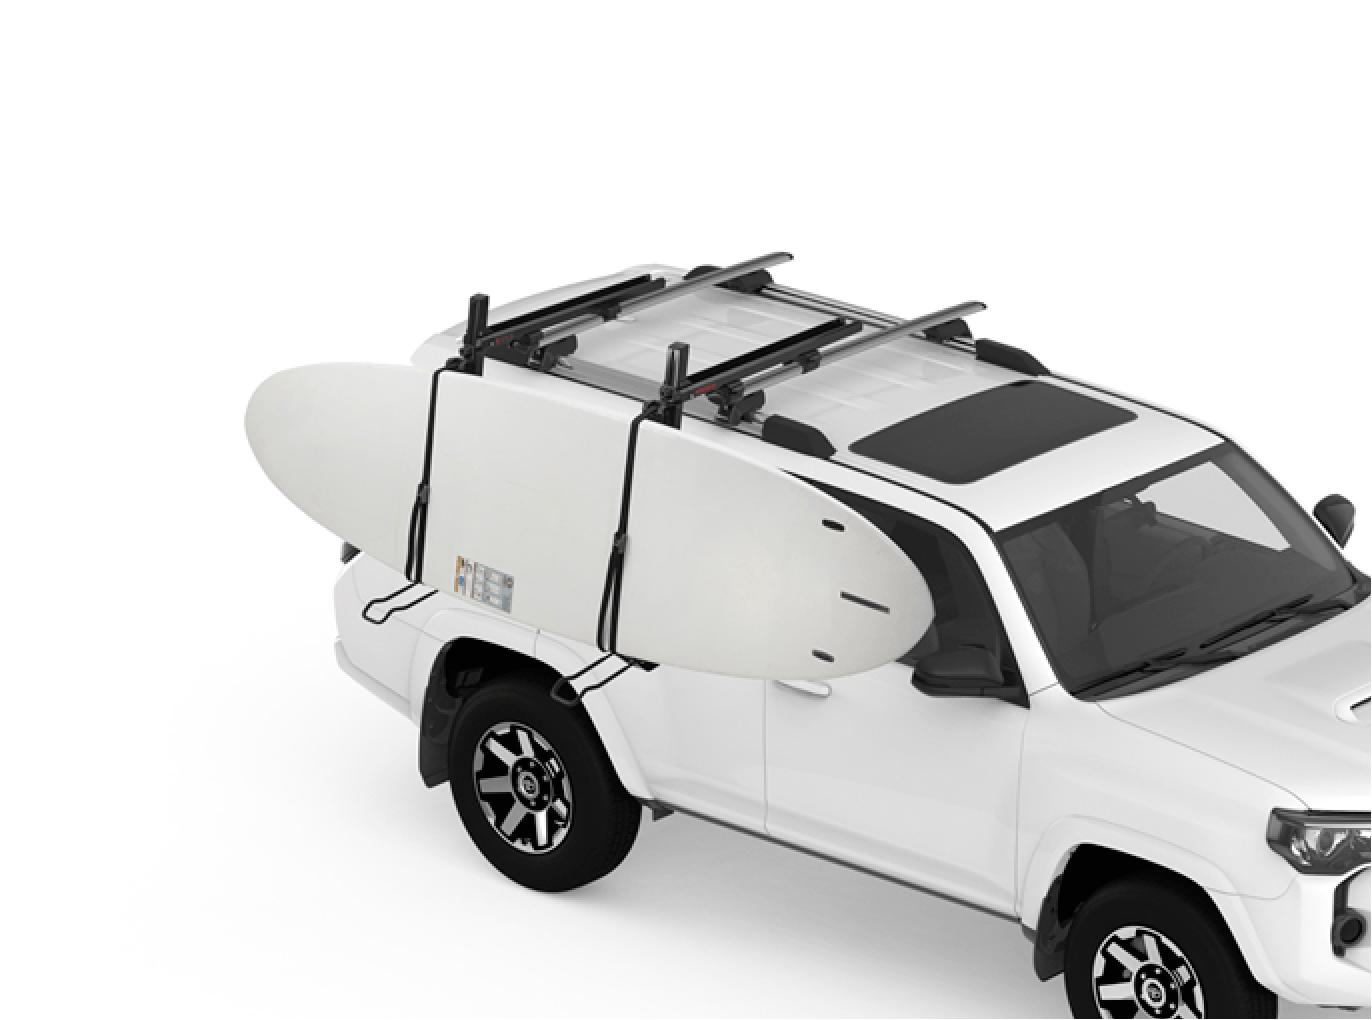 Bike and Kayak Racks for Trucks Demo Showdown Side Loading Sup and Kayak Carrier Modula Racks